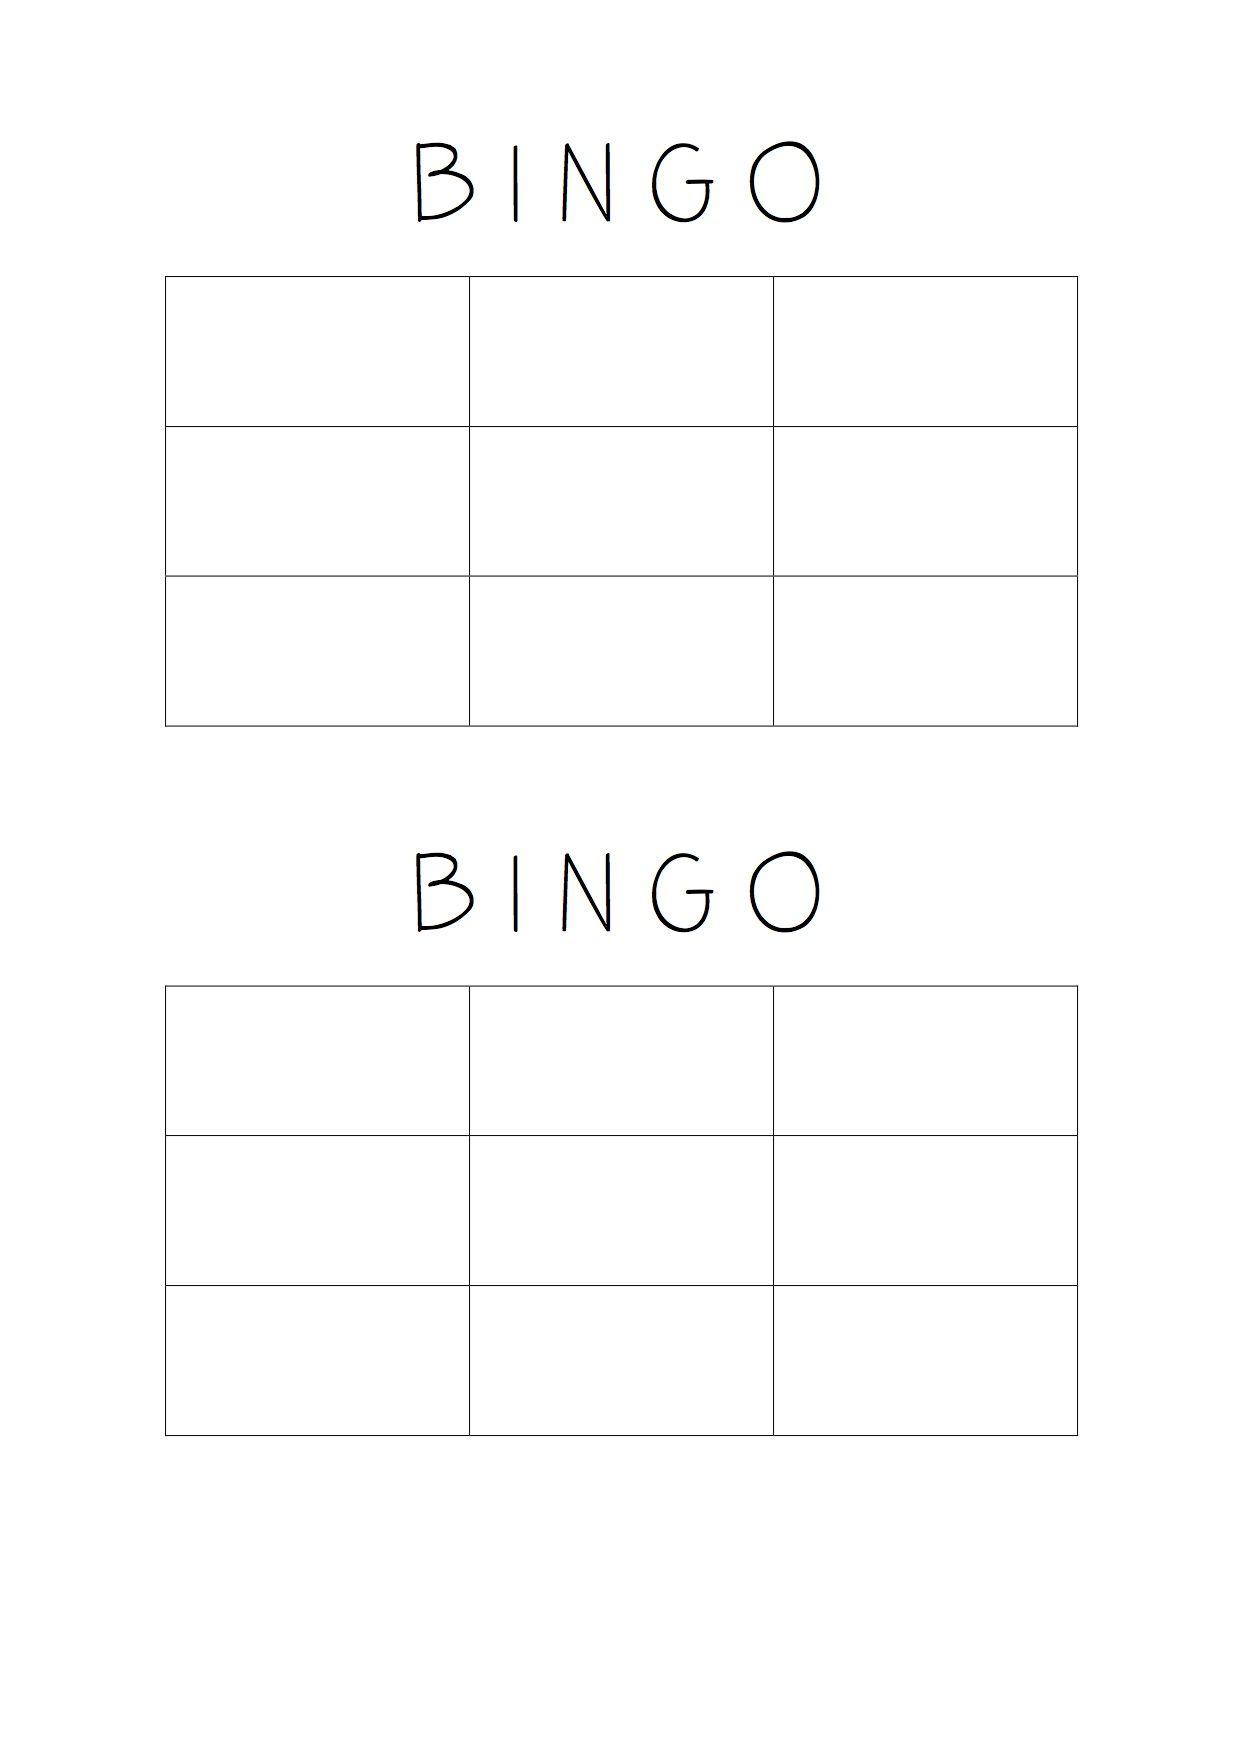 PLANTILLA DE BINGO. ELENA | Mates | Pinterest | Plantilla de bingo y ...